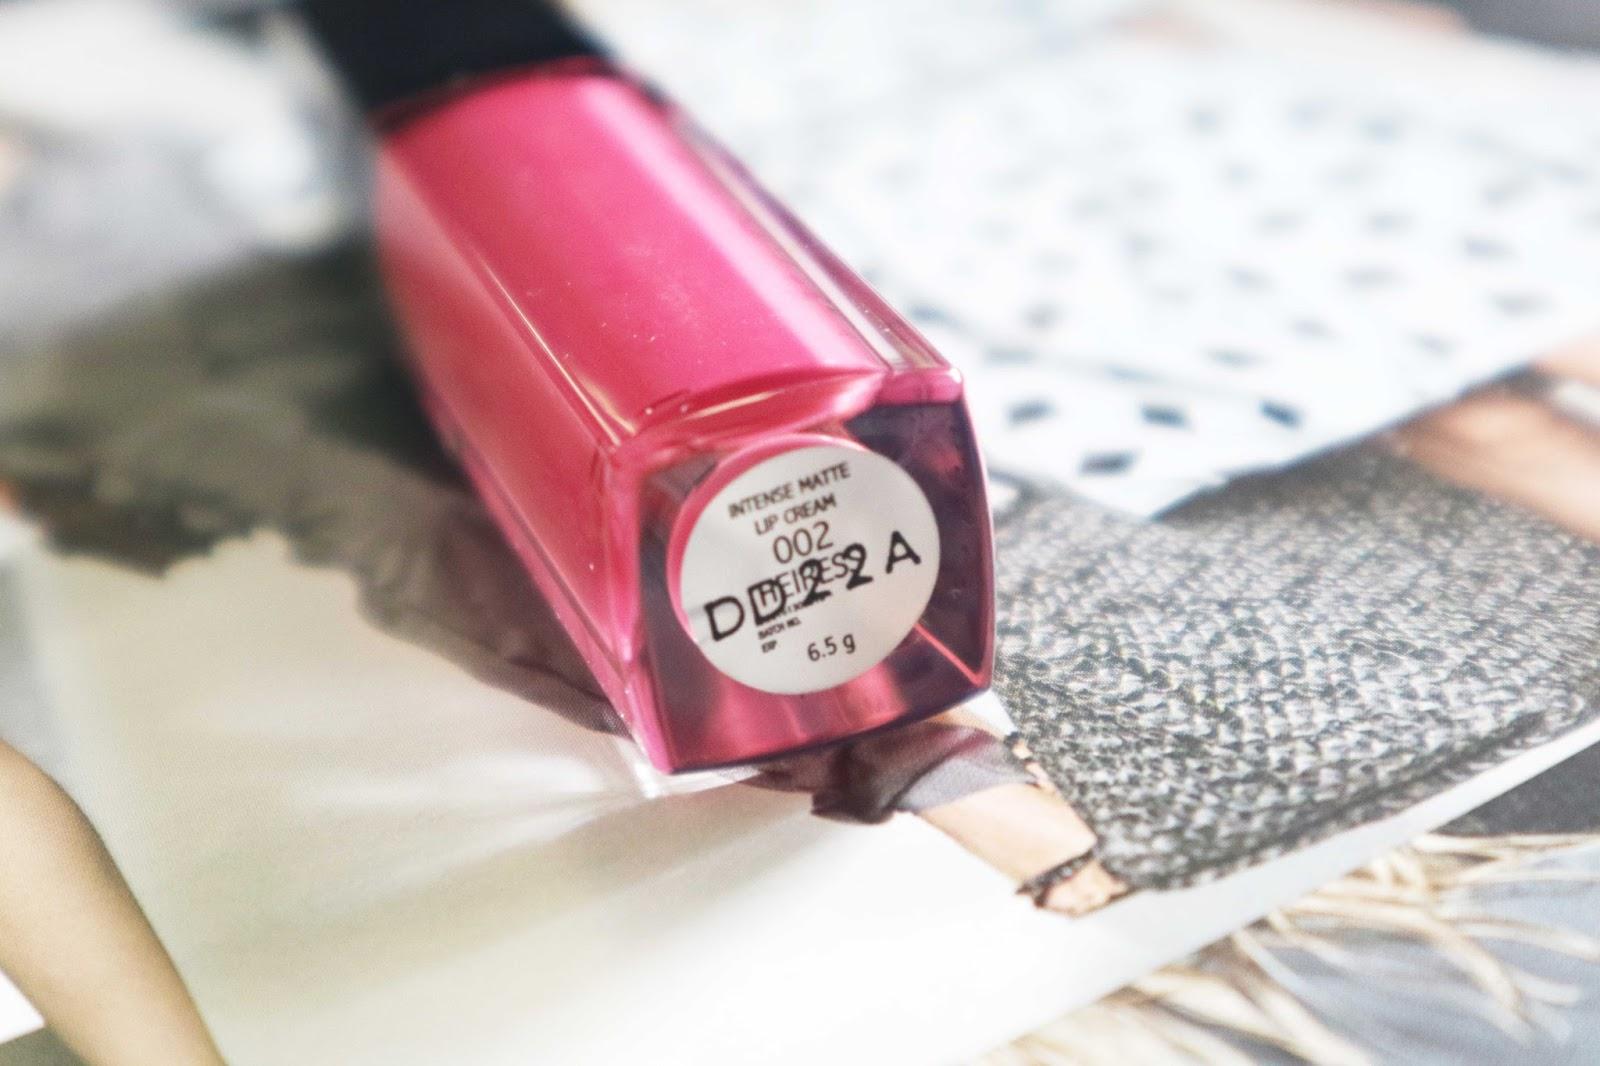 Make Over Intense Matte Lip Cream 002 Heiress Daftar Harga Terbaru Lipcream Saya Beli Yang Shade Nomor 02 Tapi Jujur Deh Ini